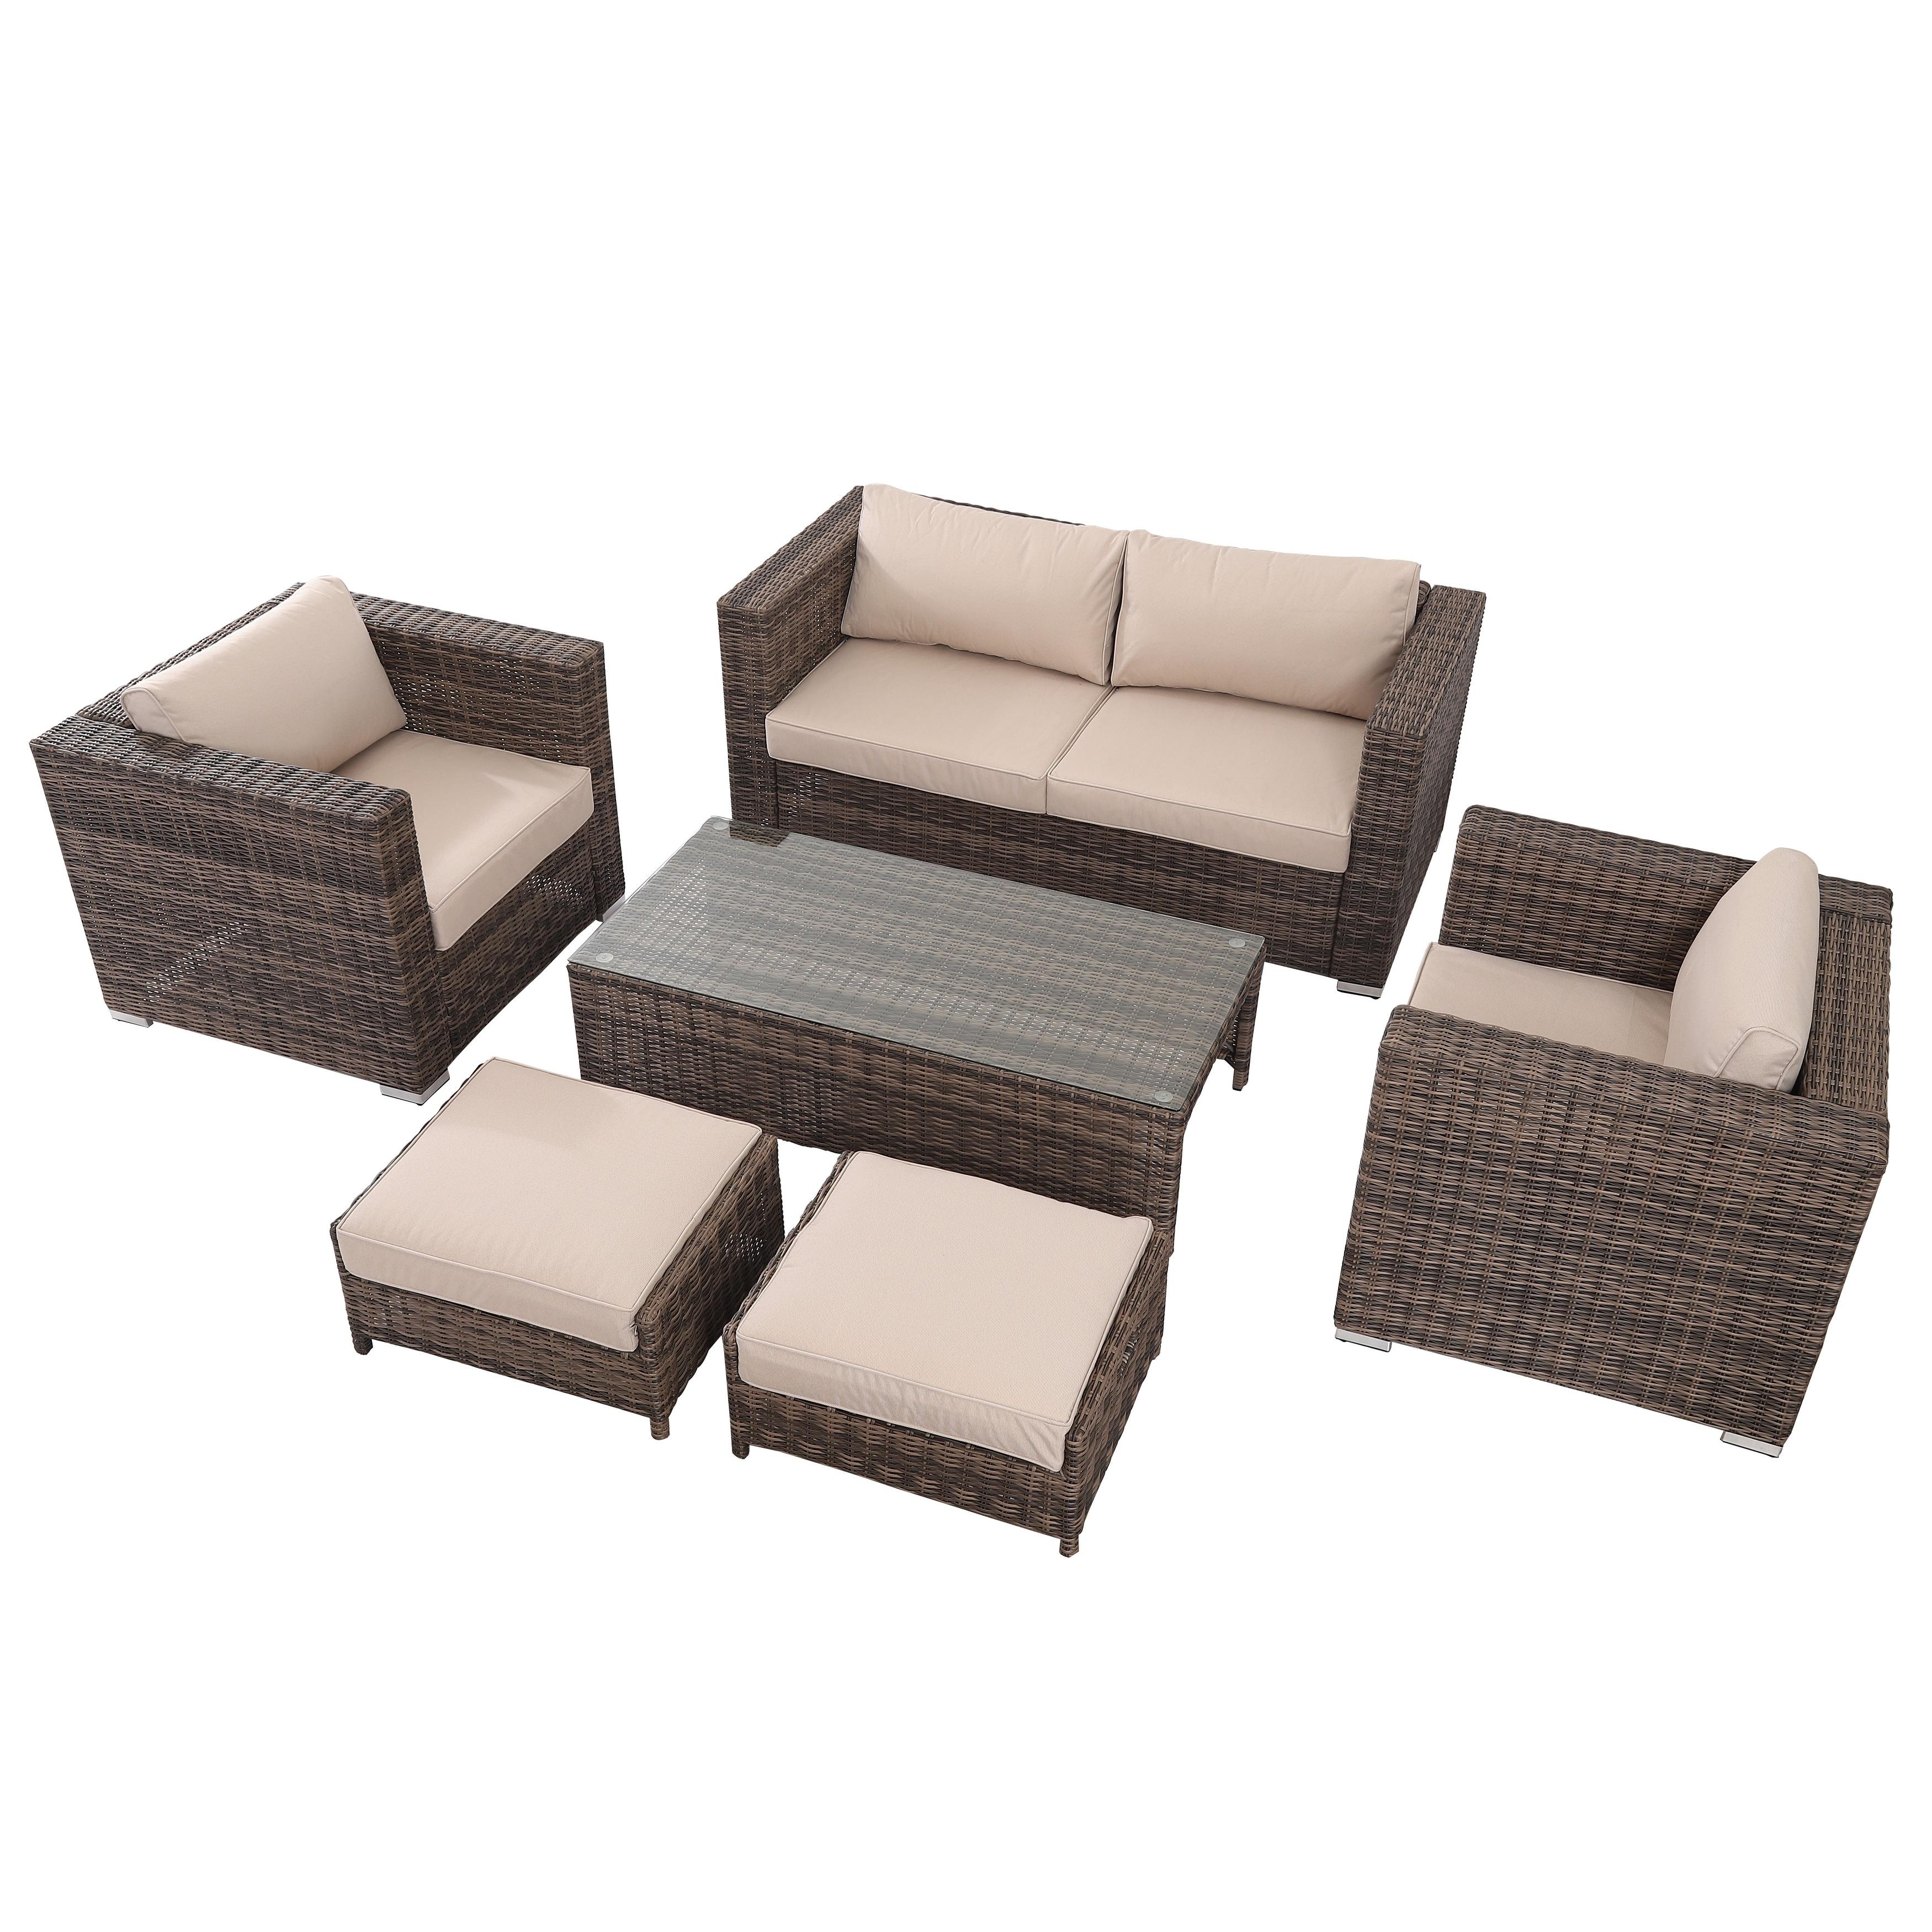 6 Pieces Outdoor Patio Wicker Sofa